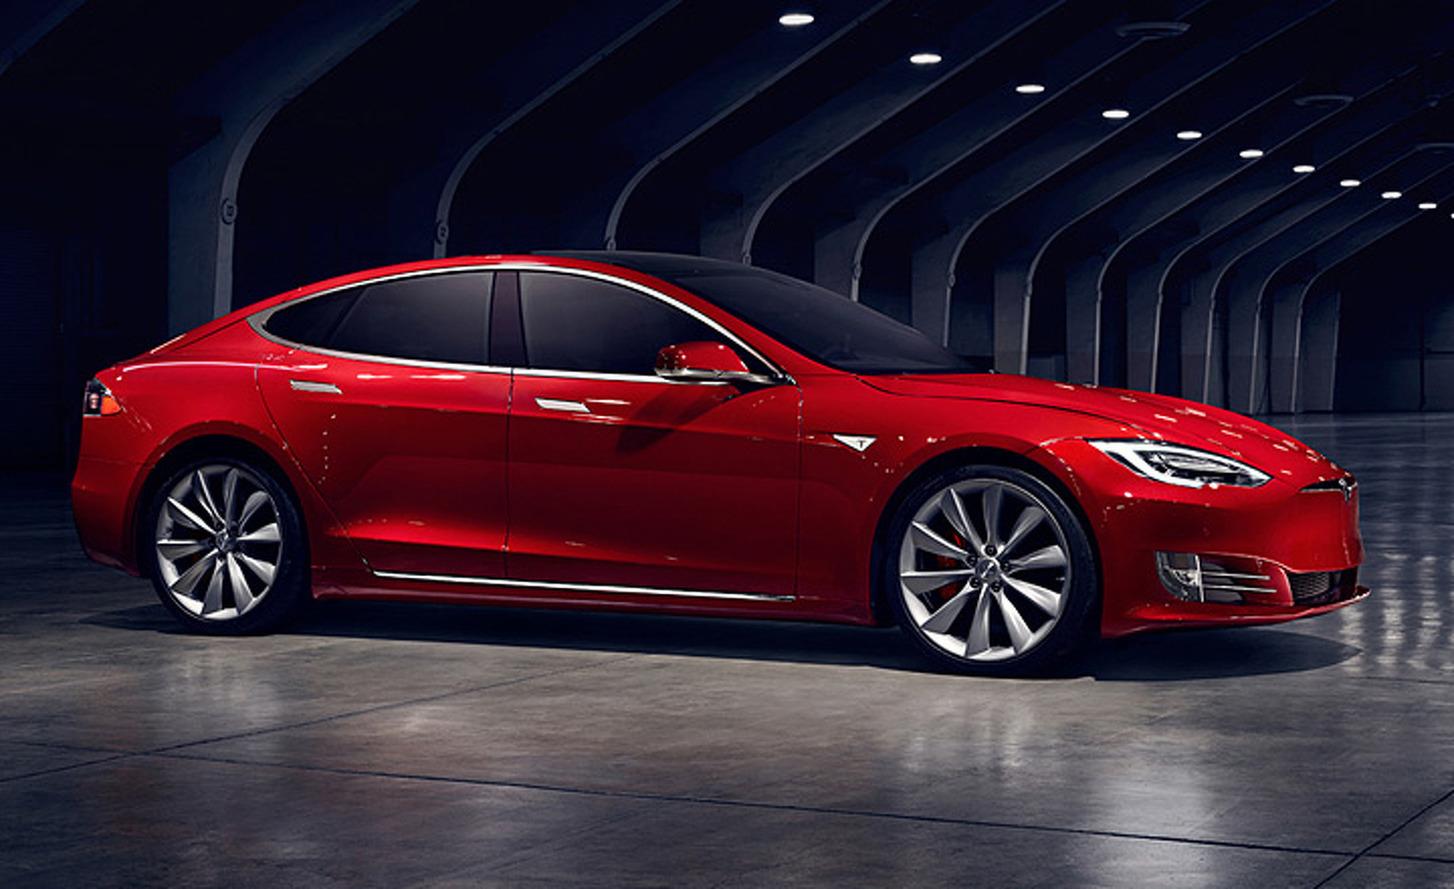 Tesla Model 3 satışları, Model S satışlarını engelliyor mu?